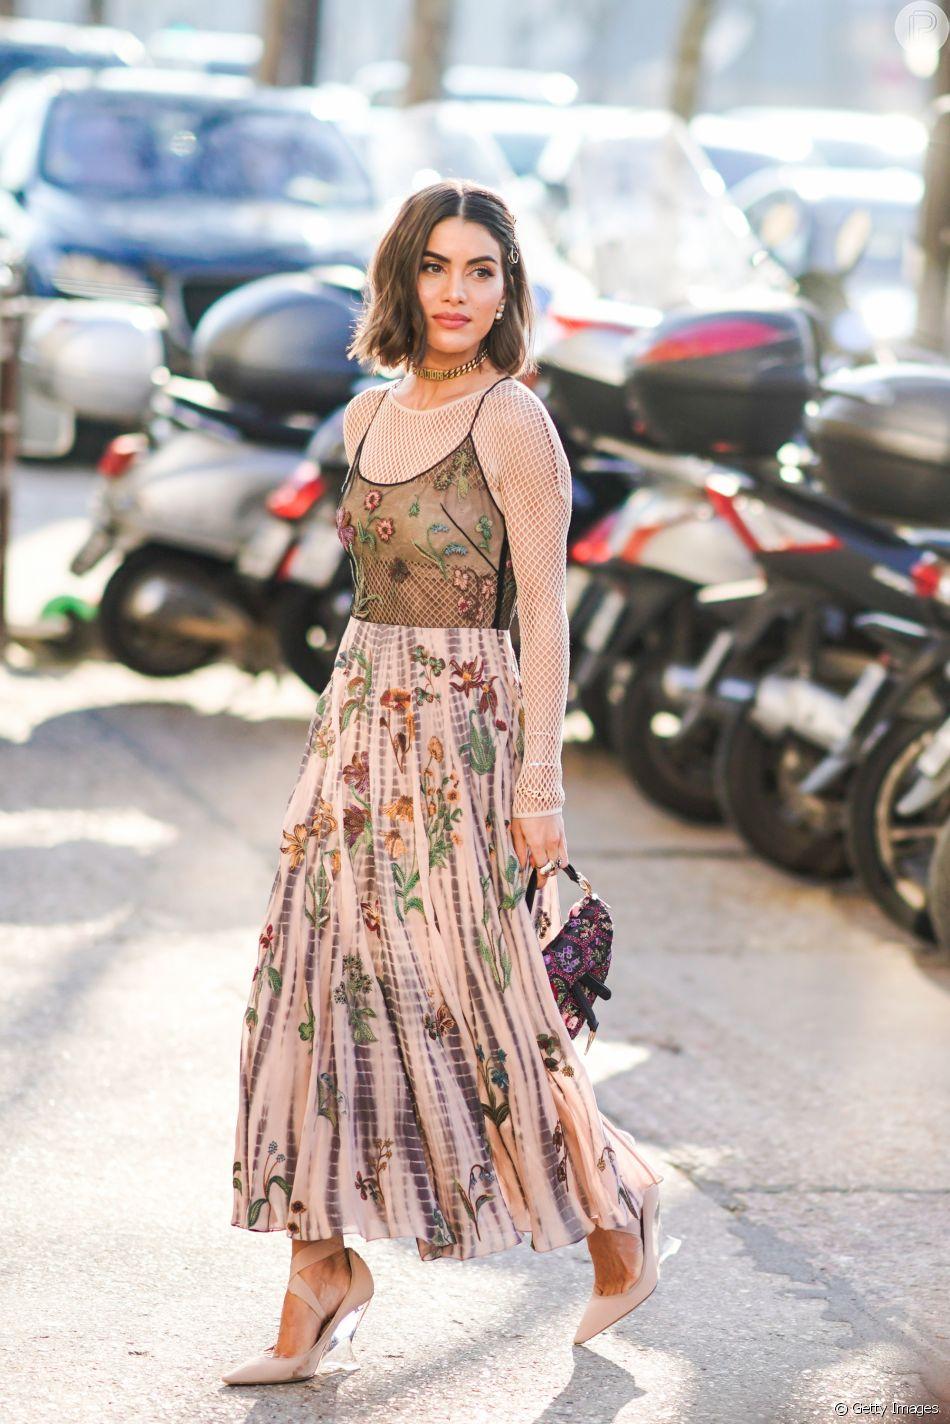 Vestido com sobreposição: a blusa no estilo meia arrastão deixa o look mais interessante sem pesar o visual